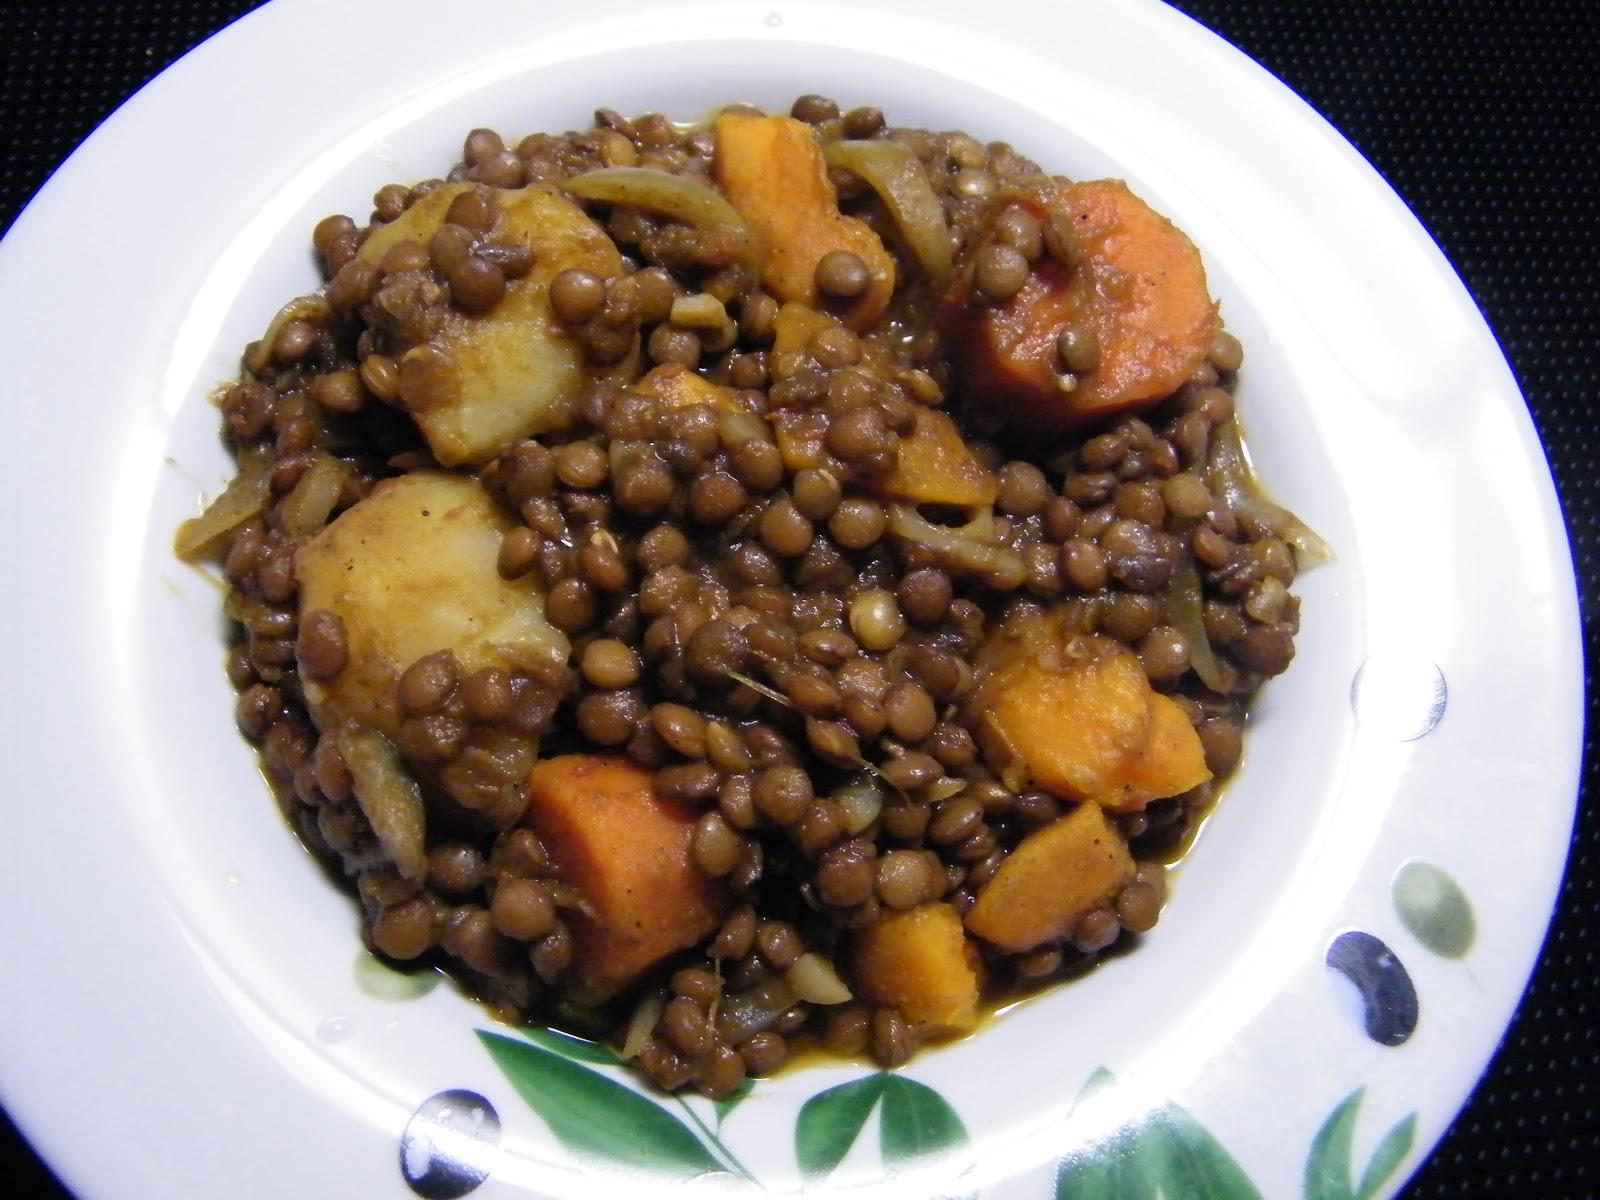 Comer rico y sano: Lentejas morunas - photo#41